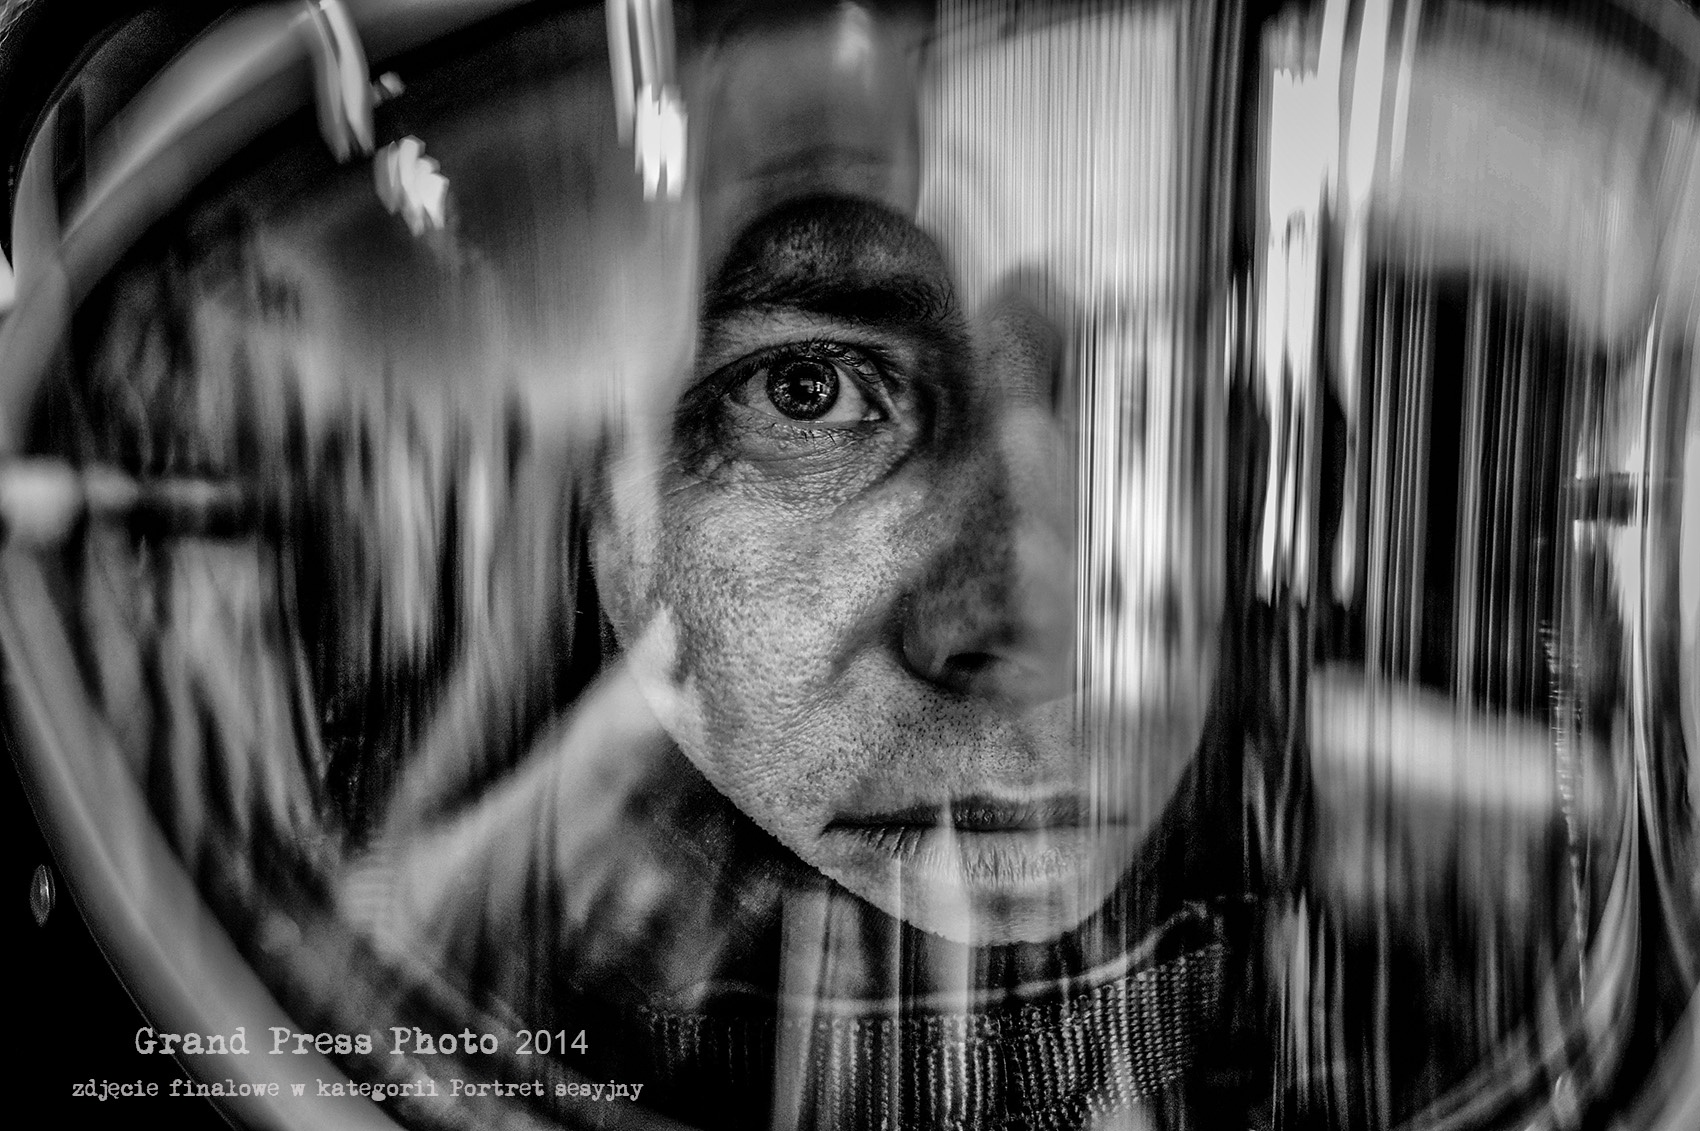 Zdjęcie finałowe Grand Press Photo 2014